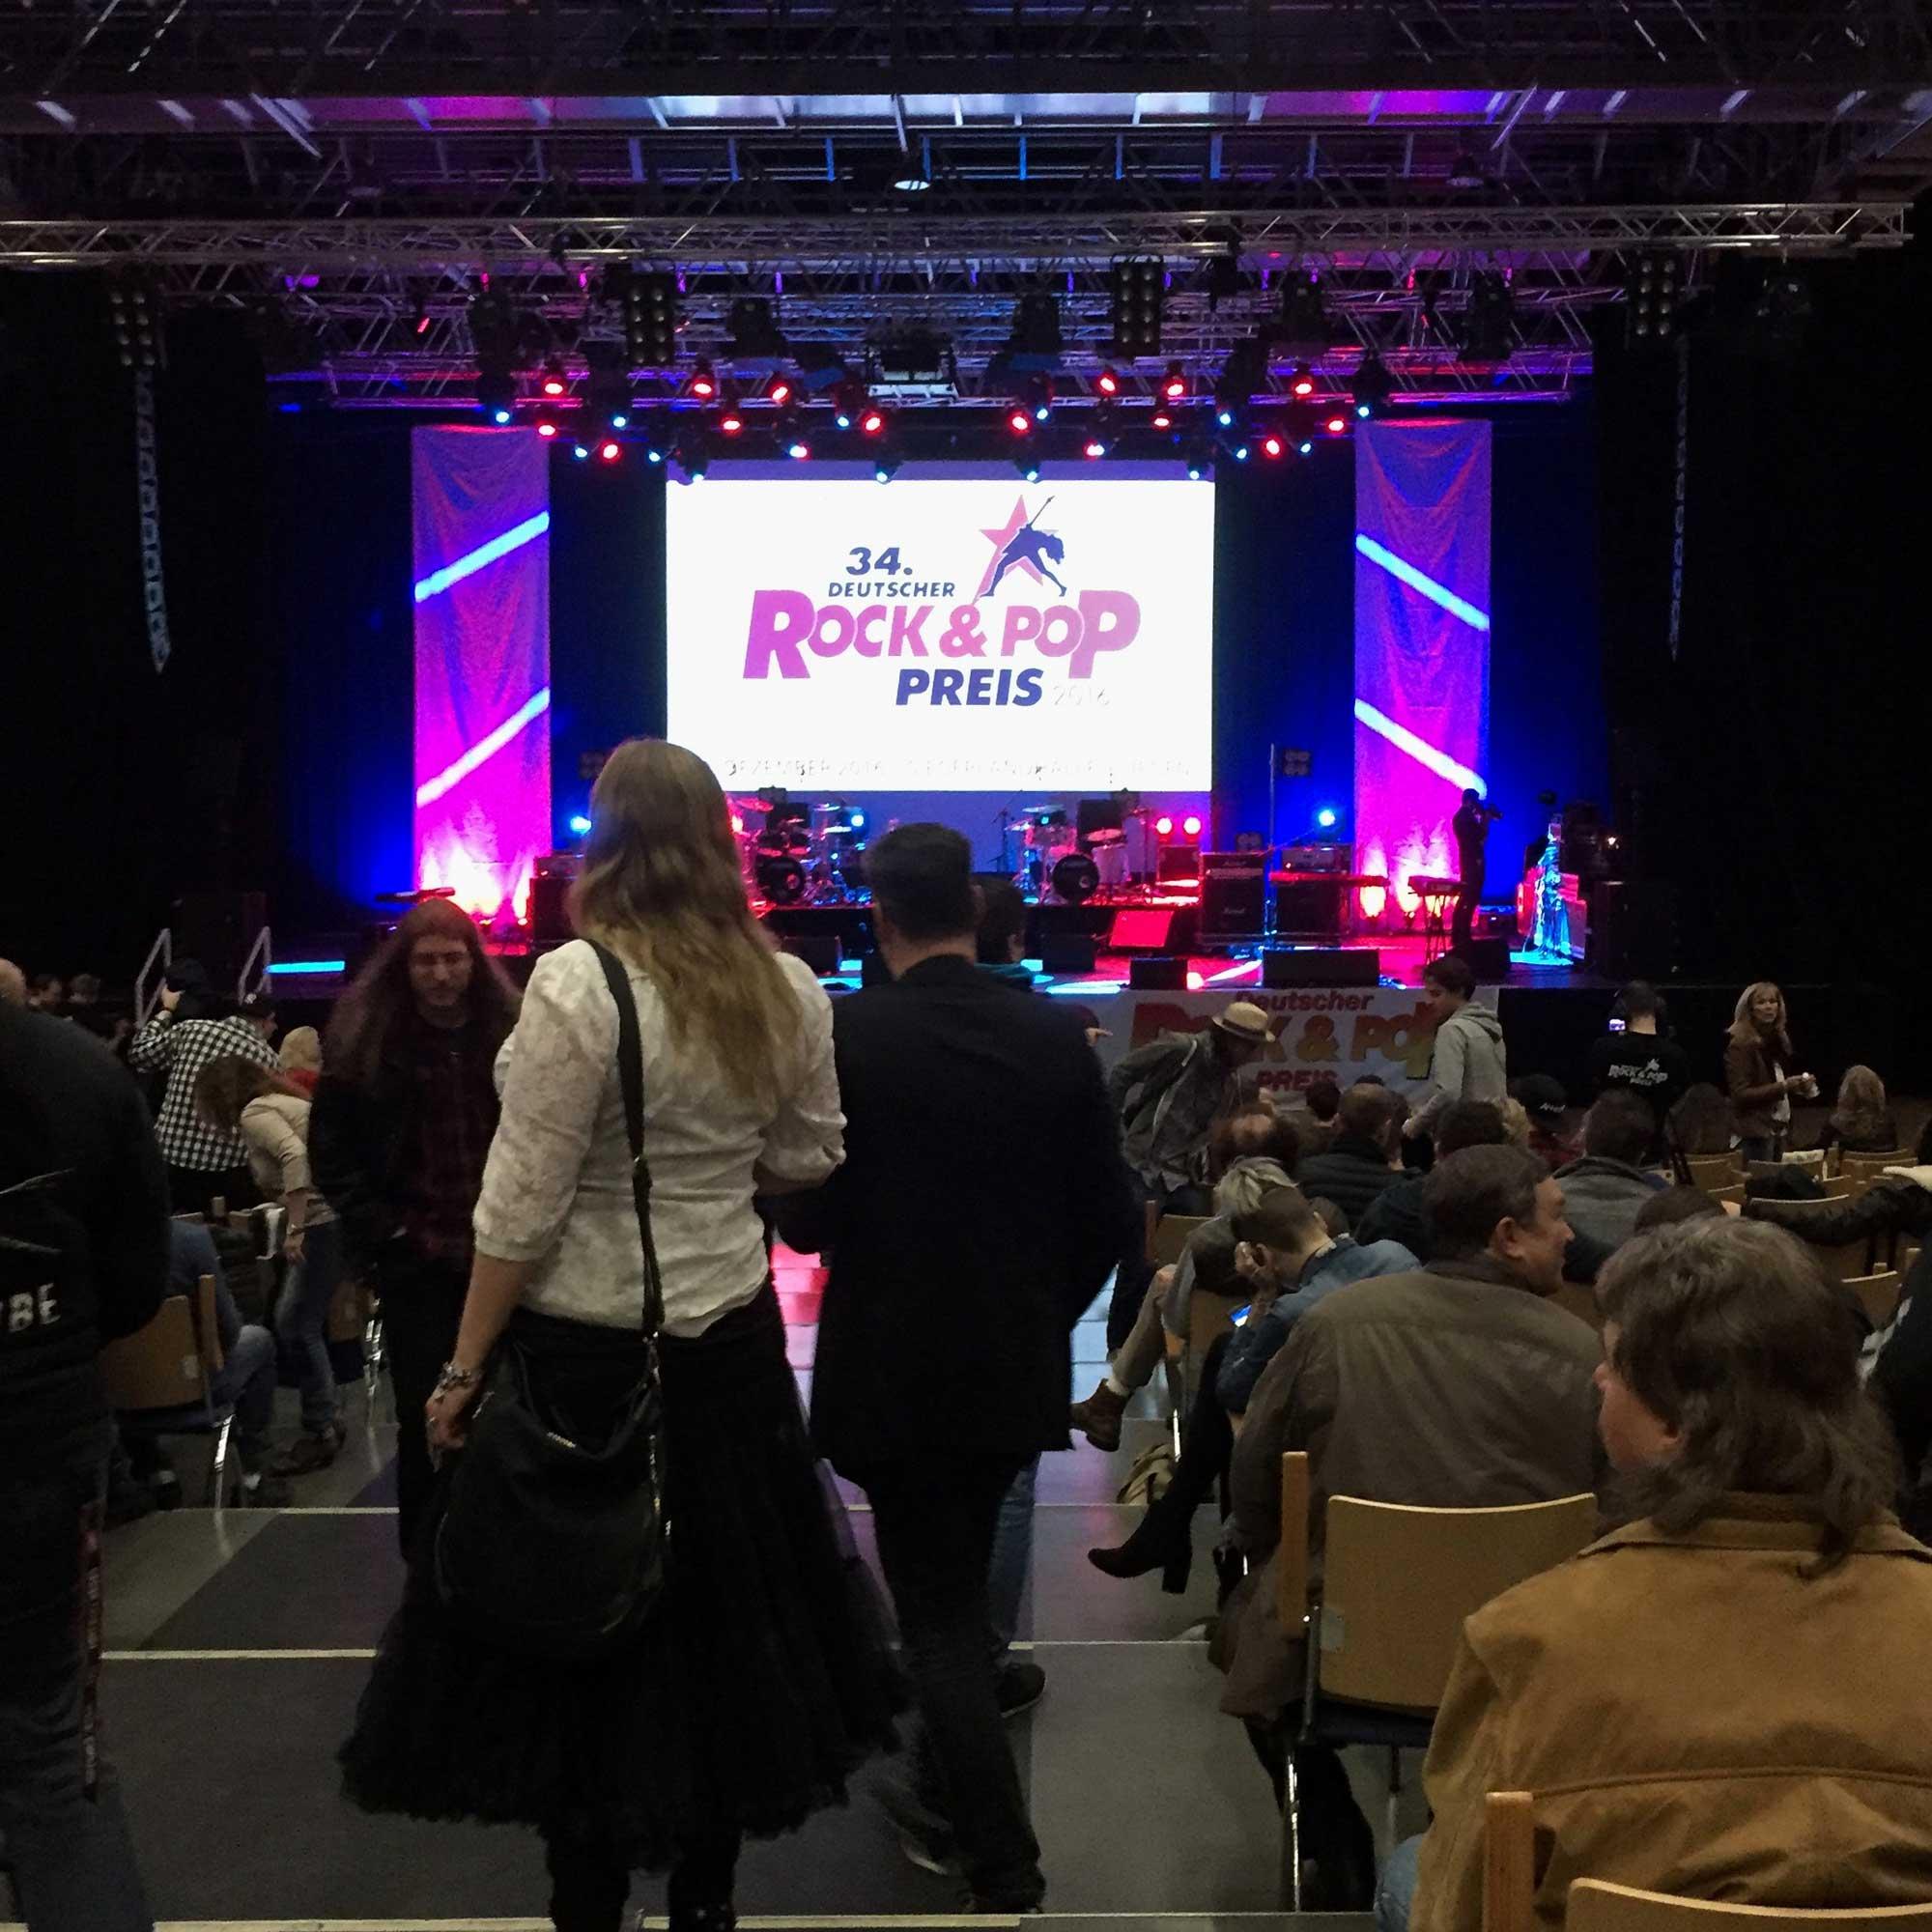 Mittelgang des Publikumsbereichs einer Konzerthalle mit Publikum und Draufsicht auf beleuchtete Konzertbühne